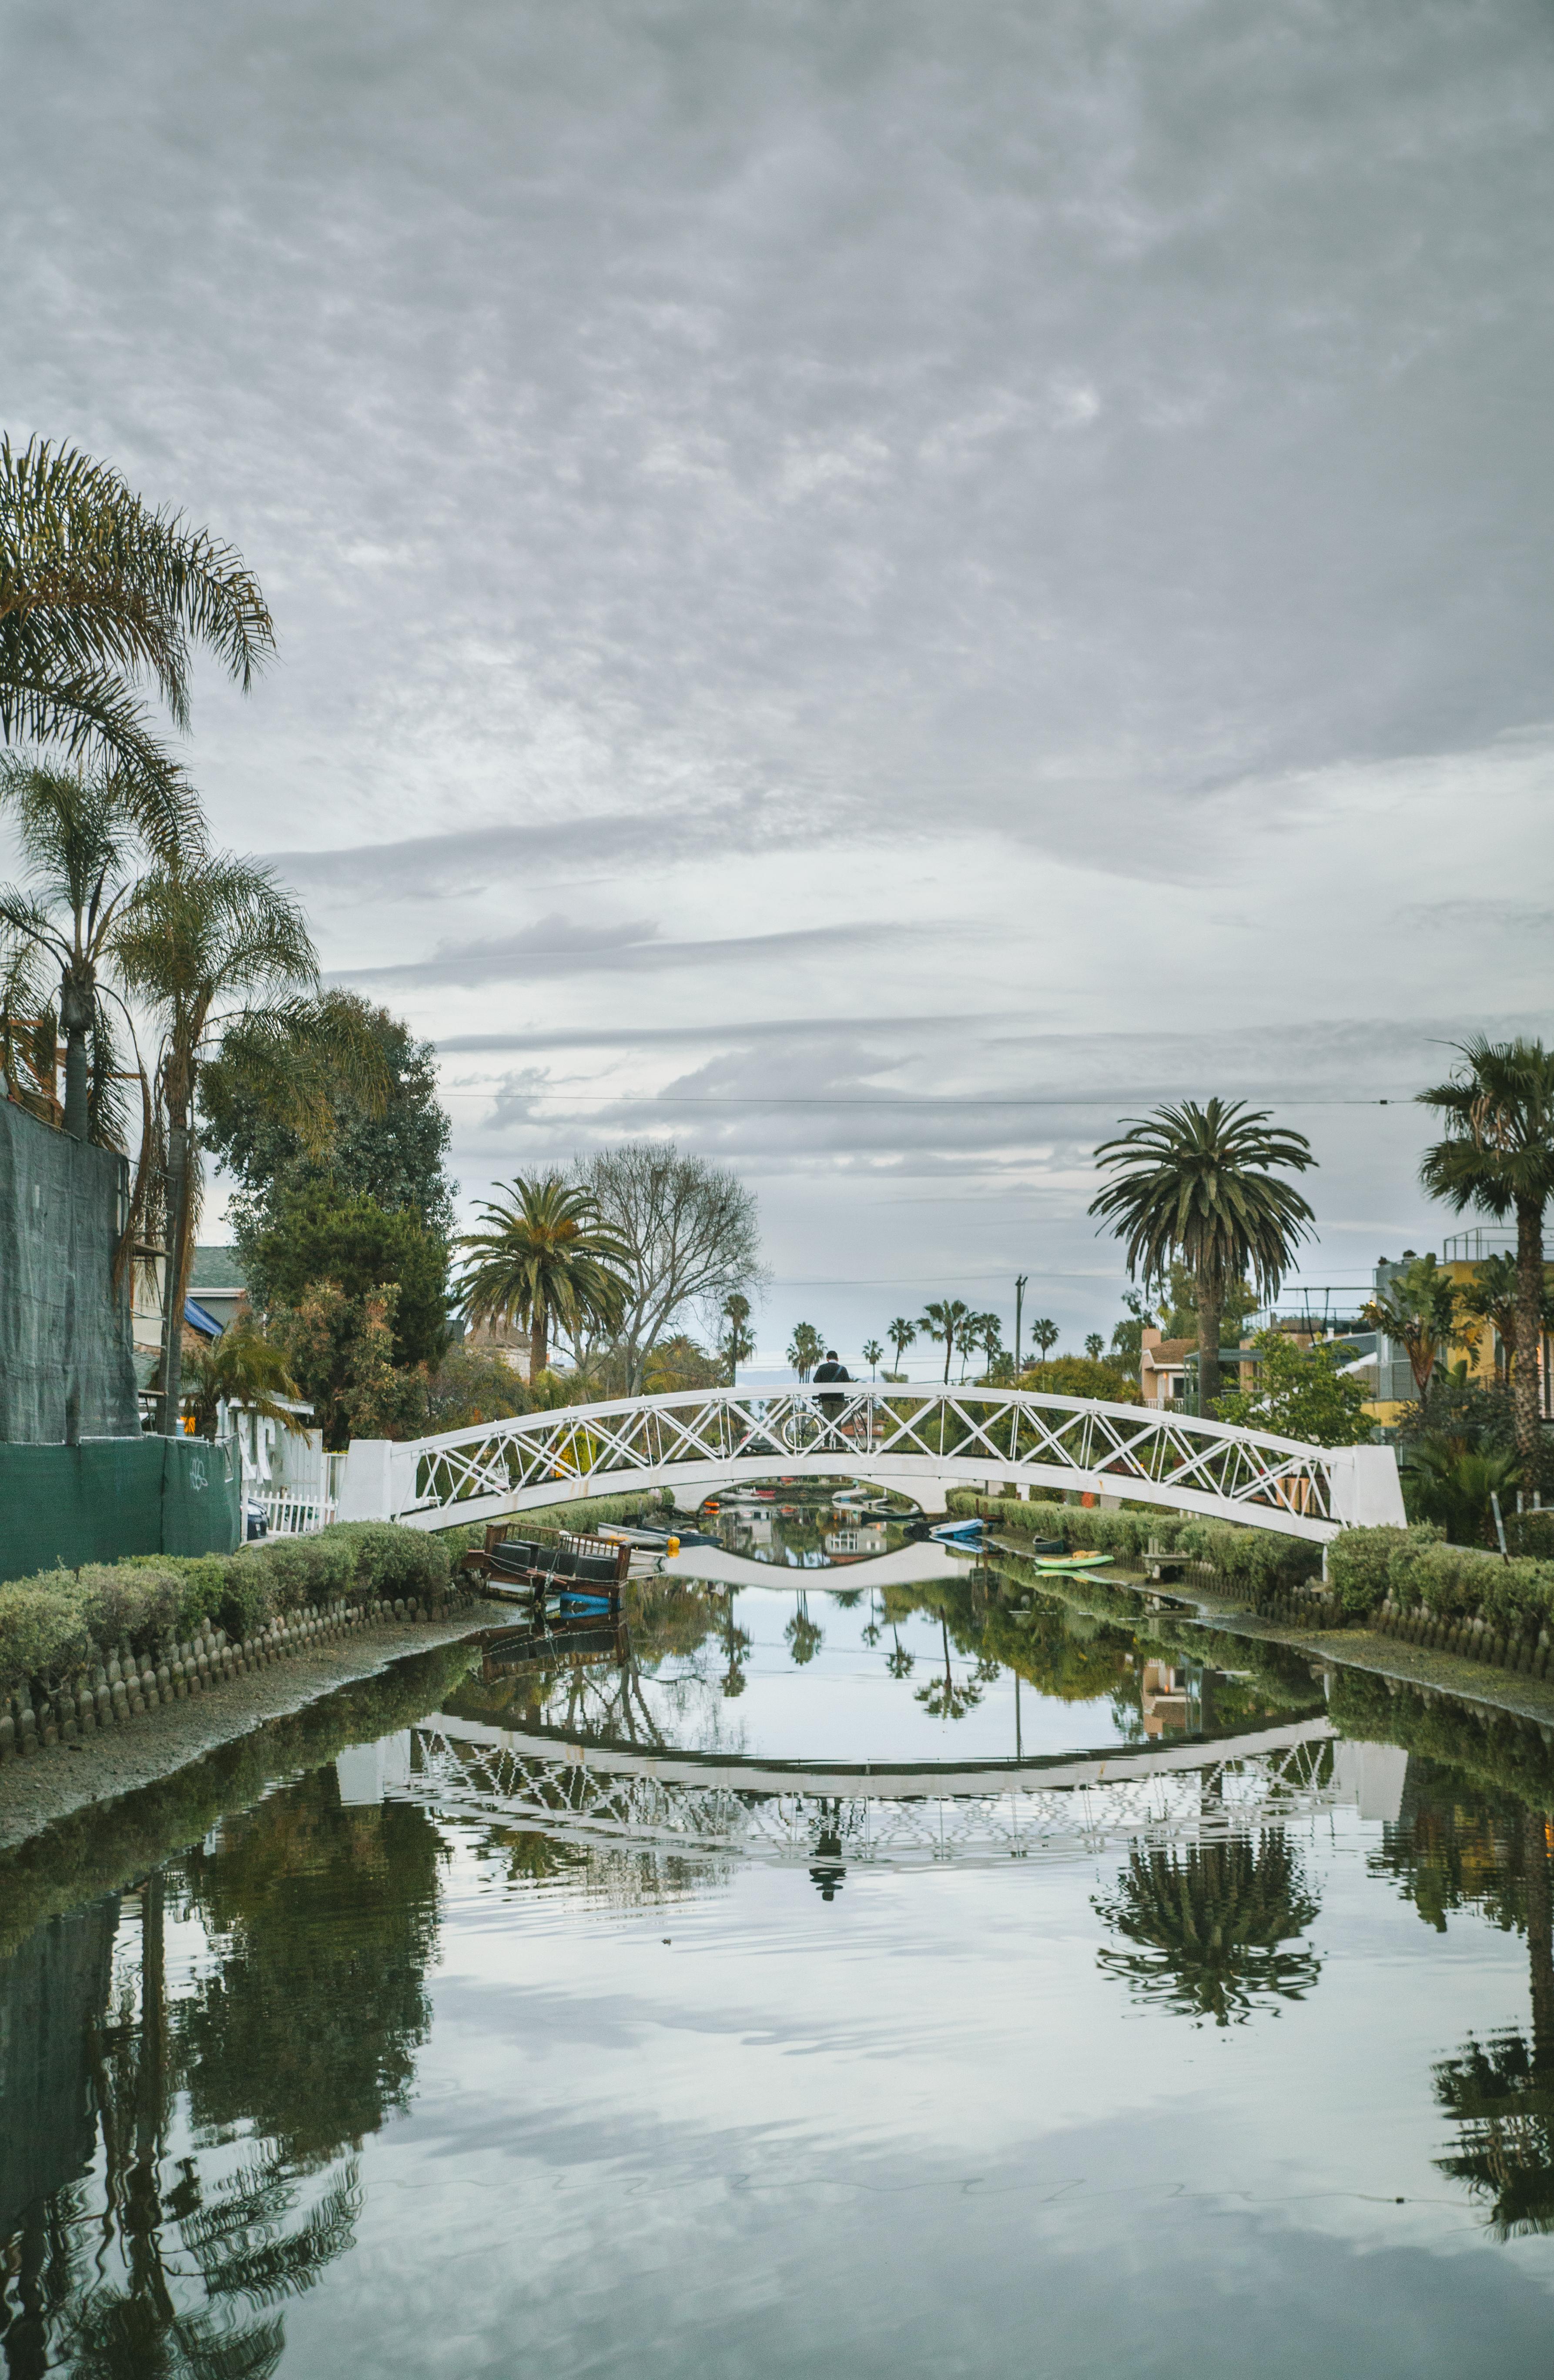 Mégane Arderighi - Canal Venice Beach Los Angeles